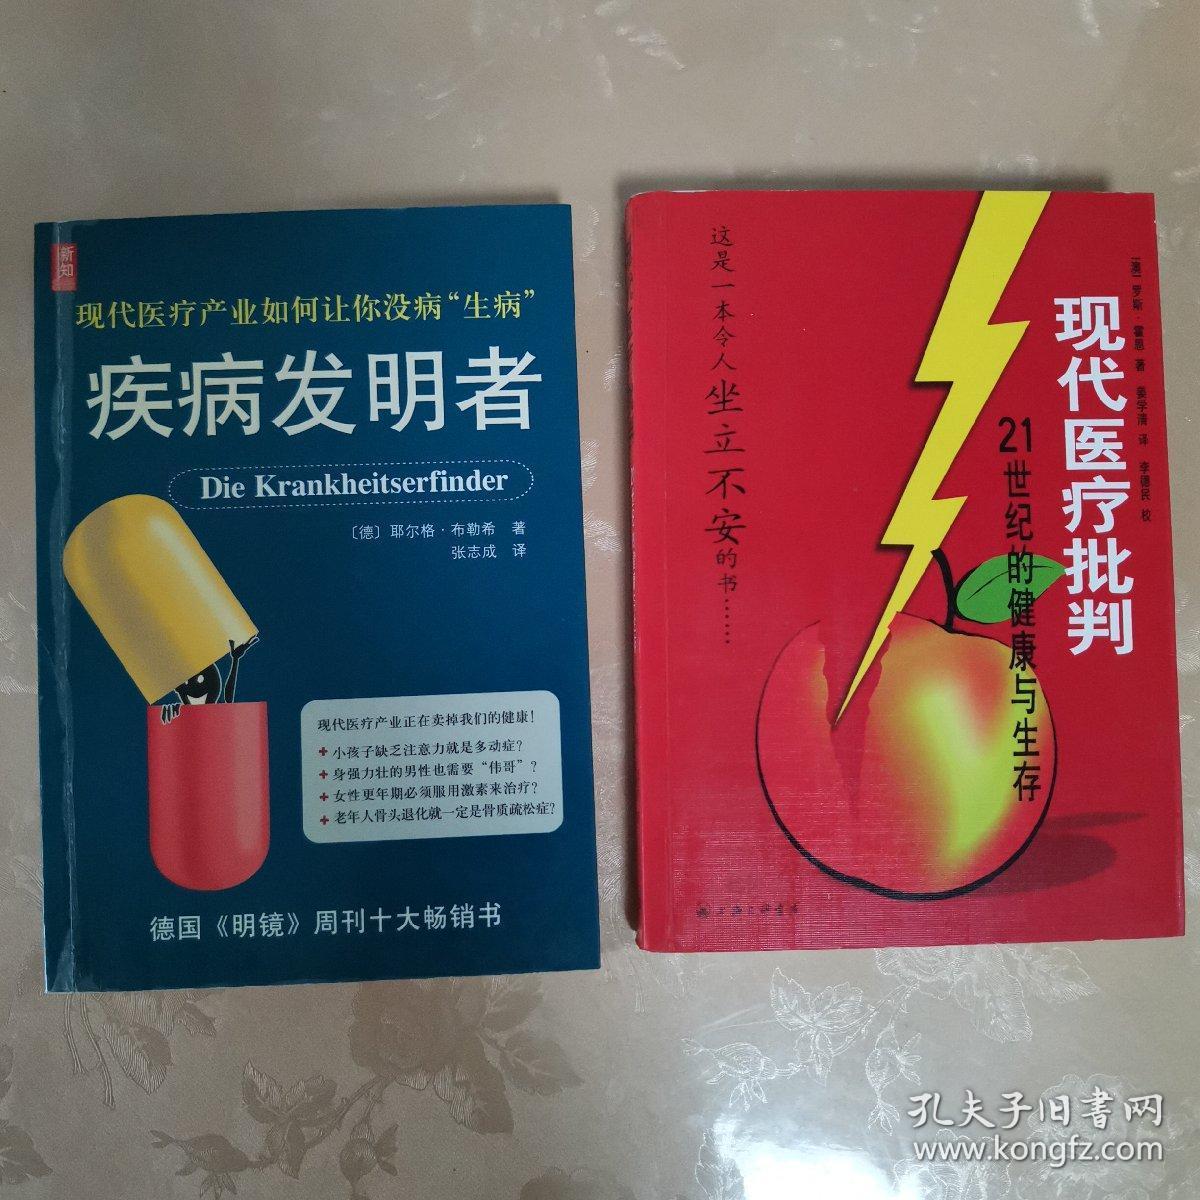 疾病发明者 现代医疗批判 (两册合售)